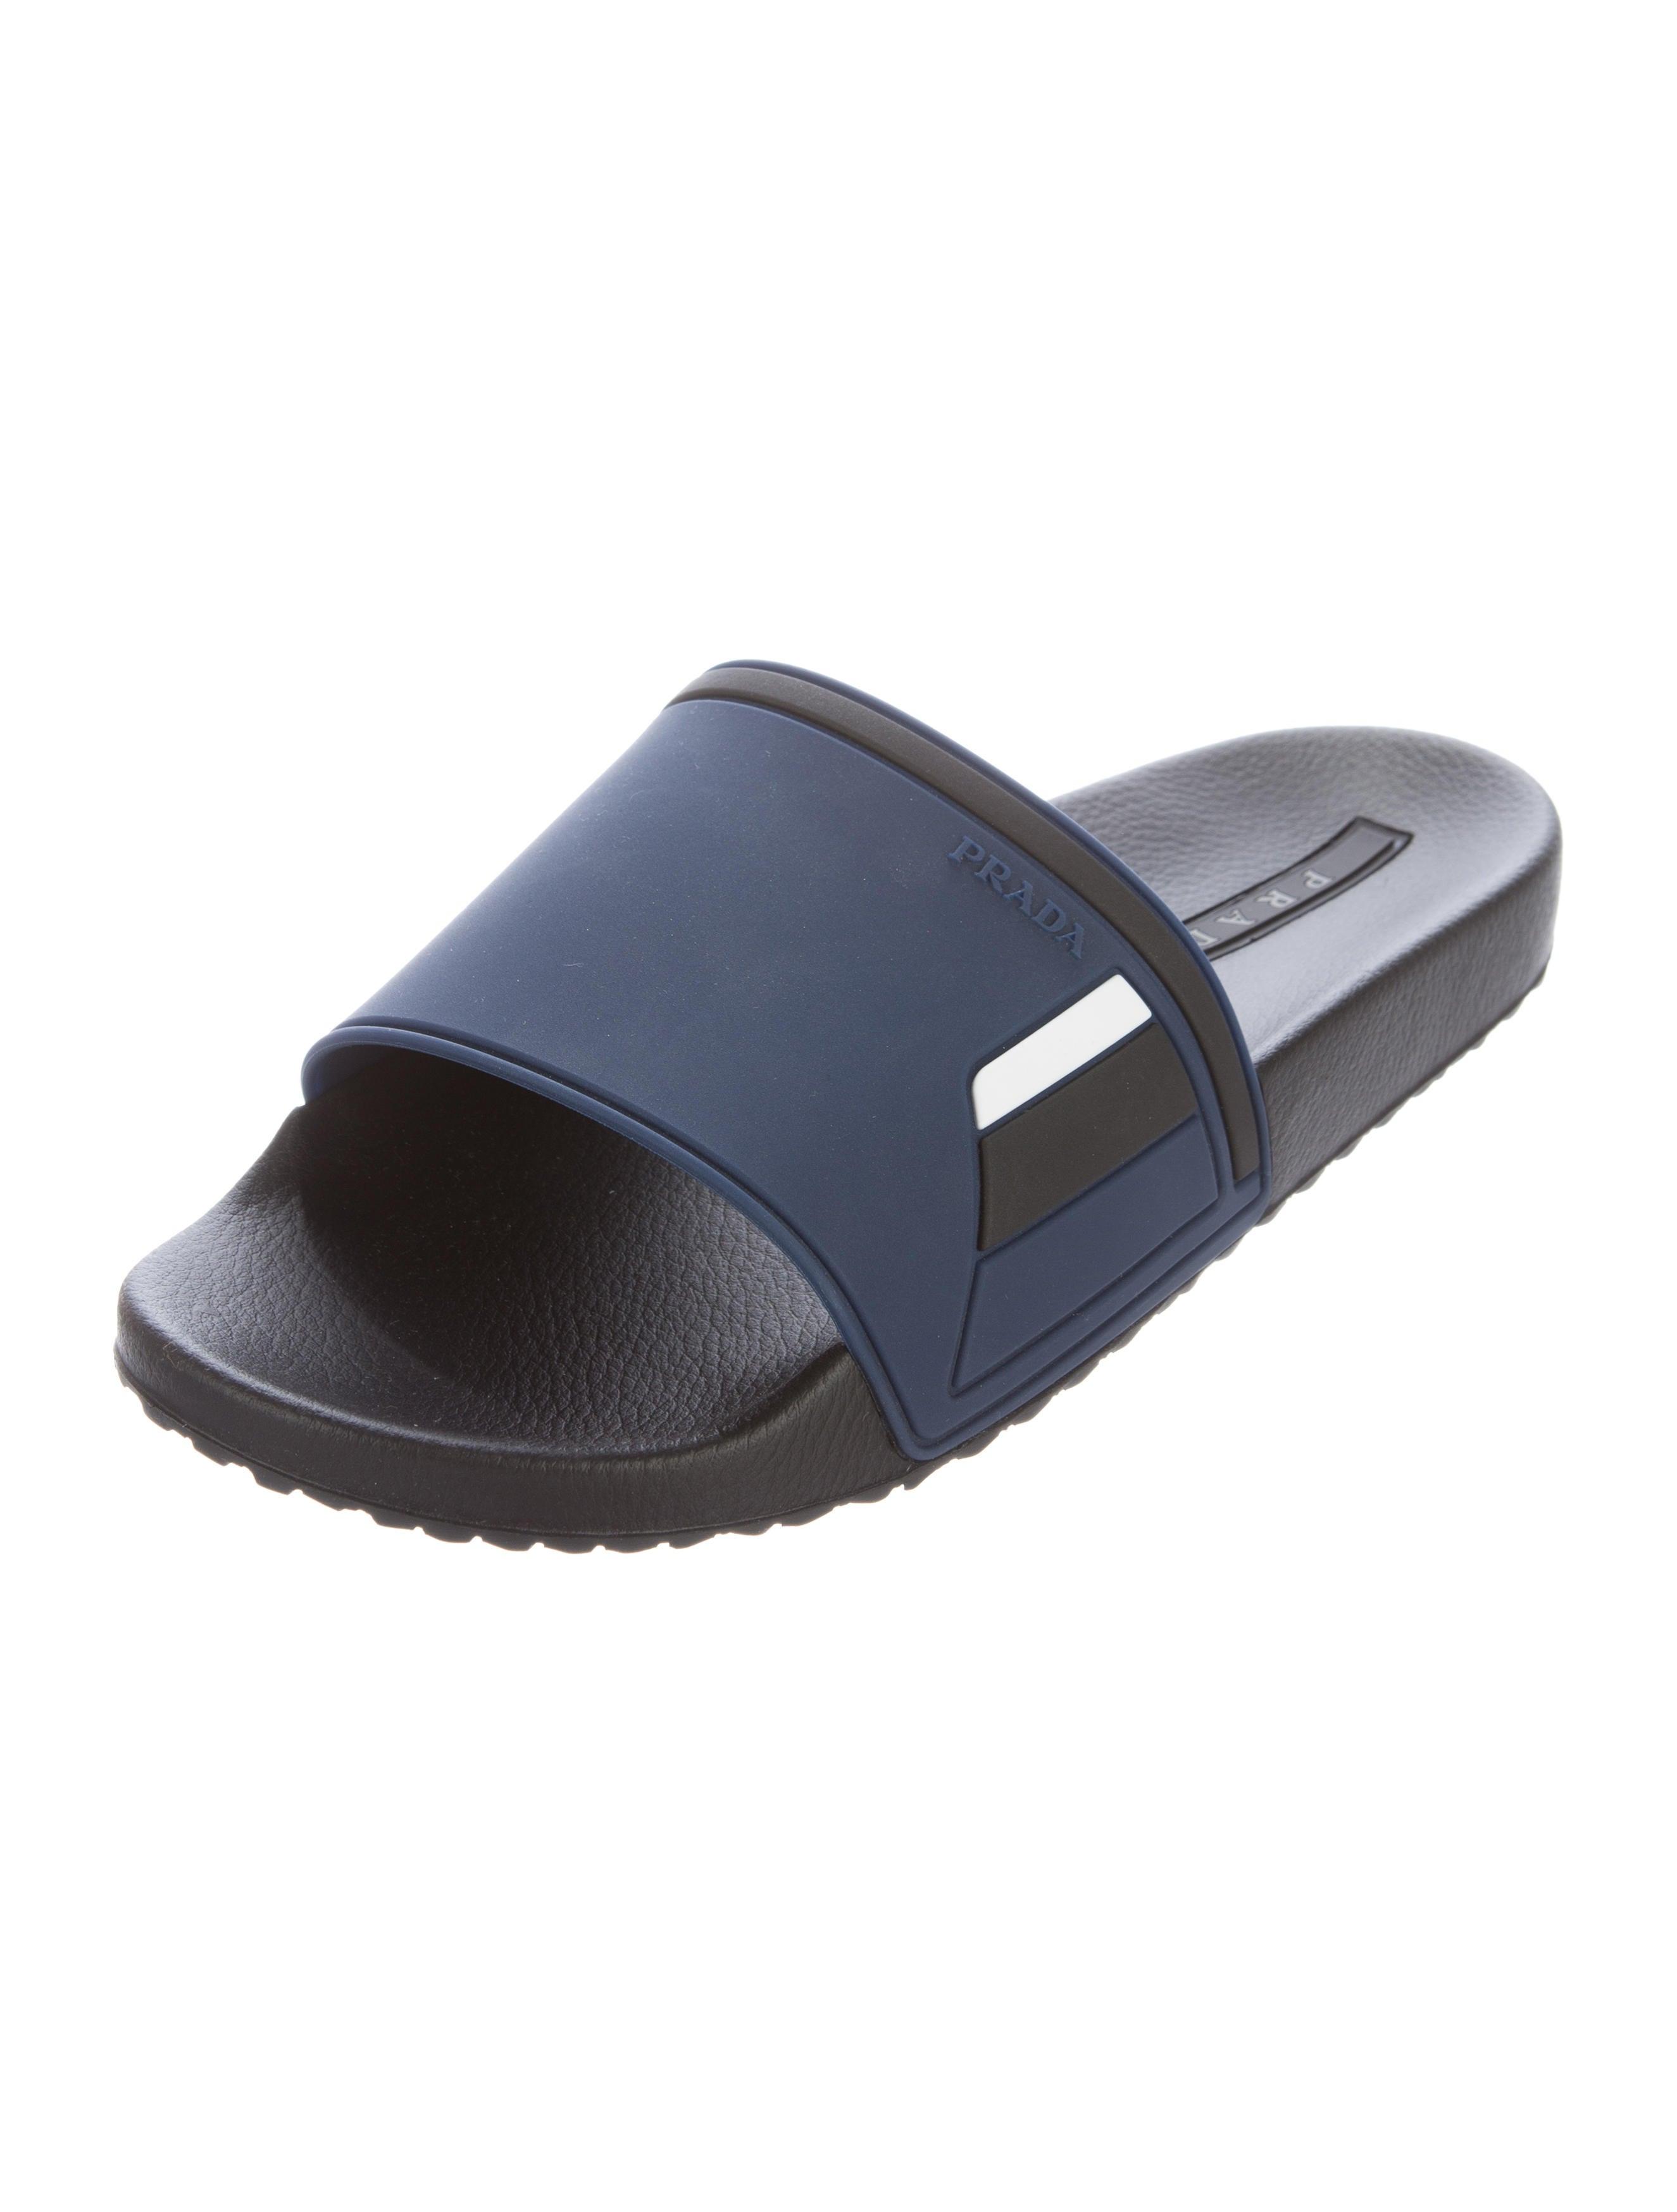 Prada Sport Logo Slide Sandals outlet get to buy professional cheap price sale many kinds of sale huge surprise AFGIlm